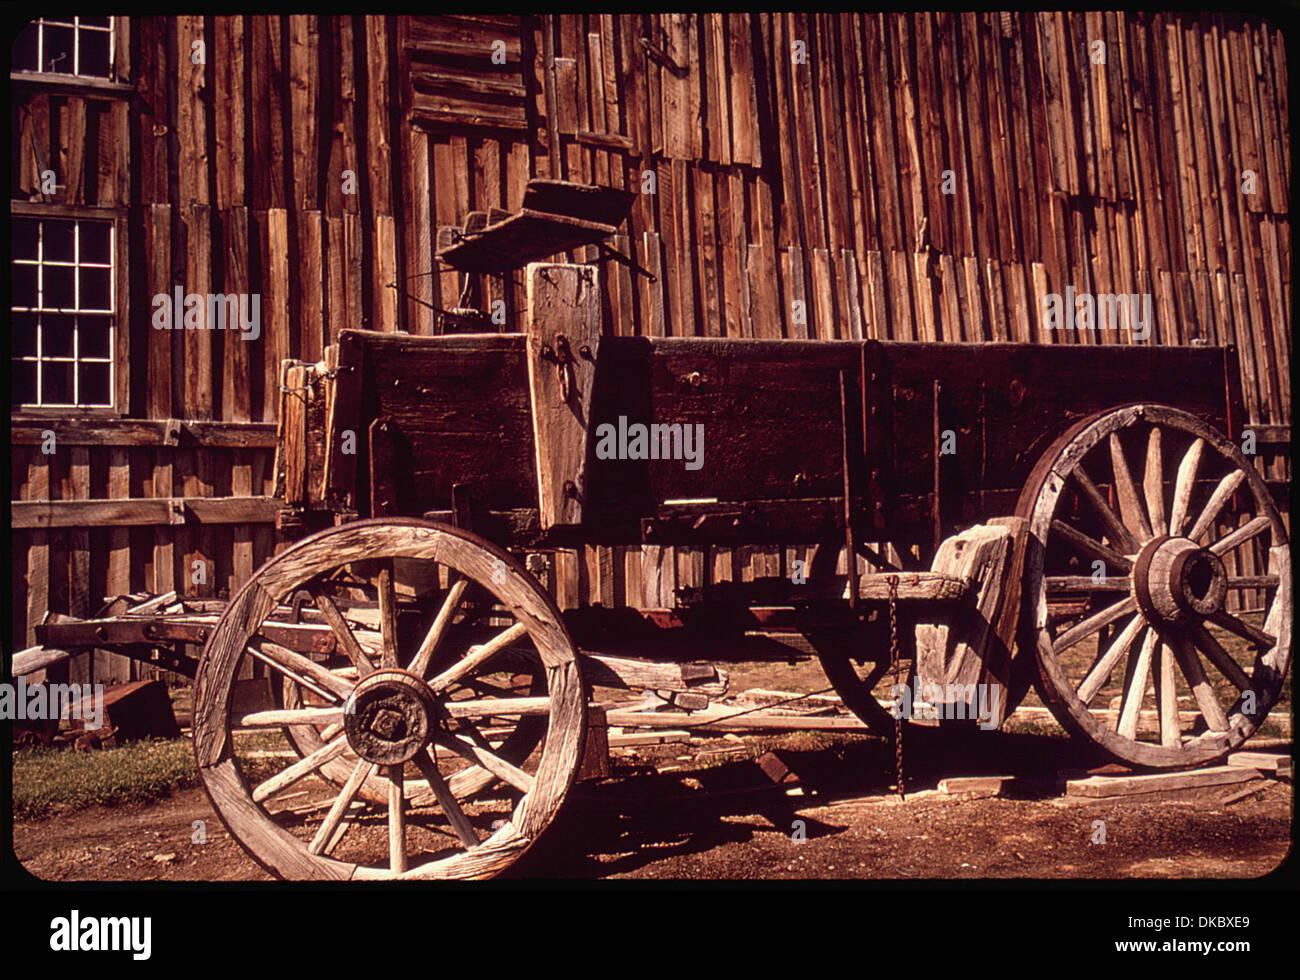 Un edificio restaurato del carro in legno IN STATO BODIE parco storico BODIE è una delle meglio conservate città fantasma NEGLI STATI UNITI 543118 Immagini Stock